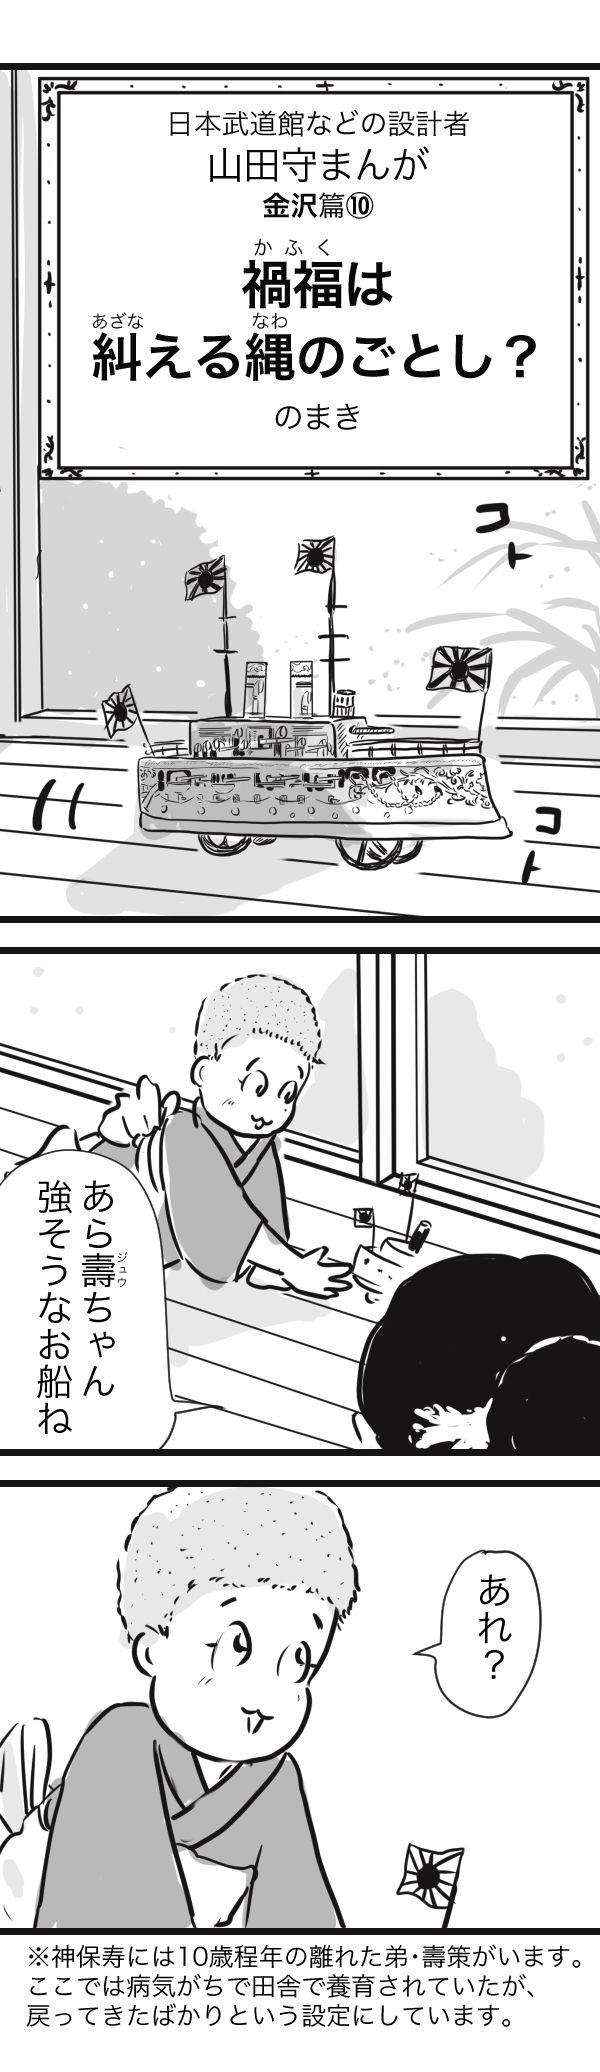 山田 金沢10−1−1−1